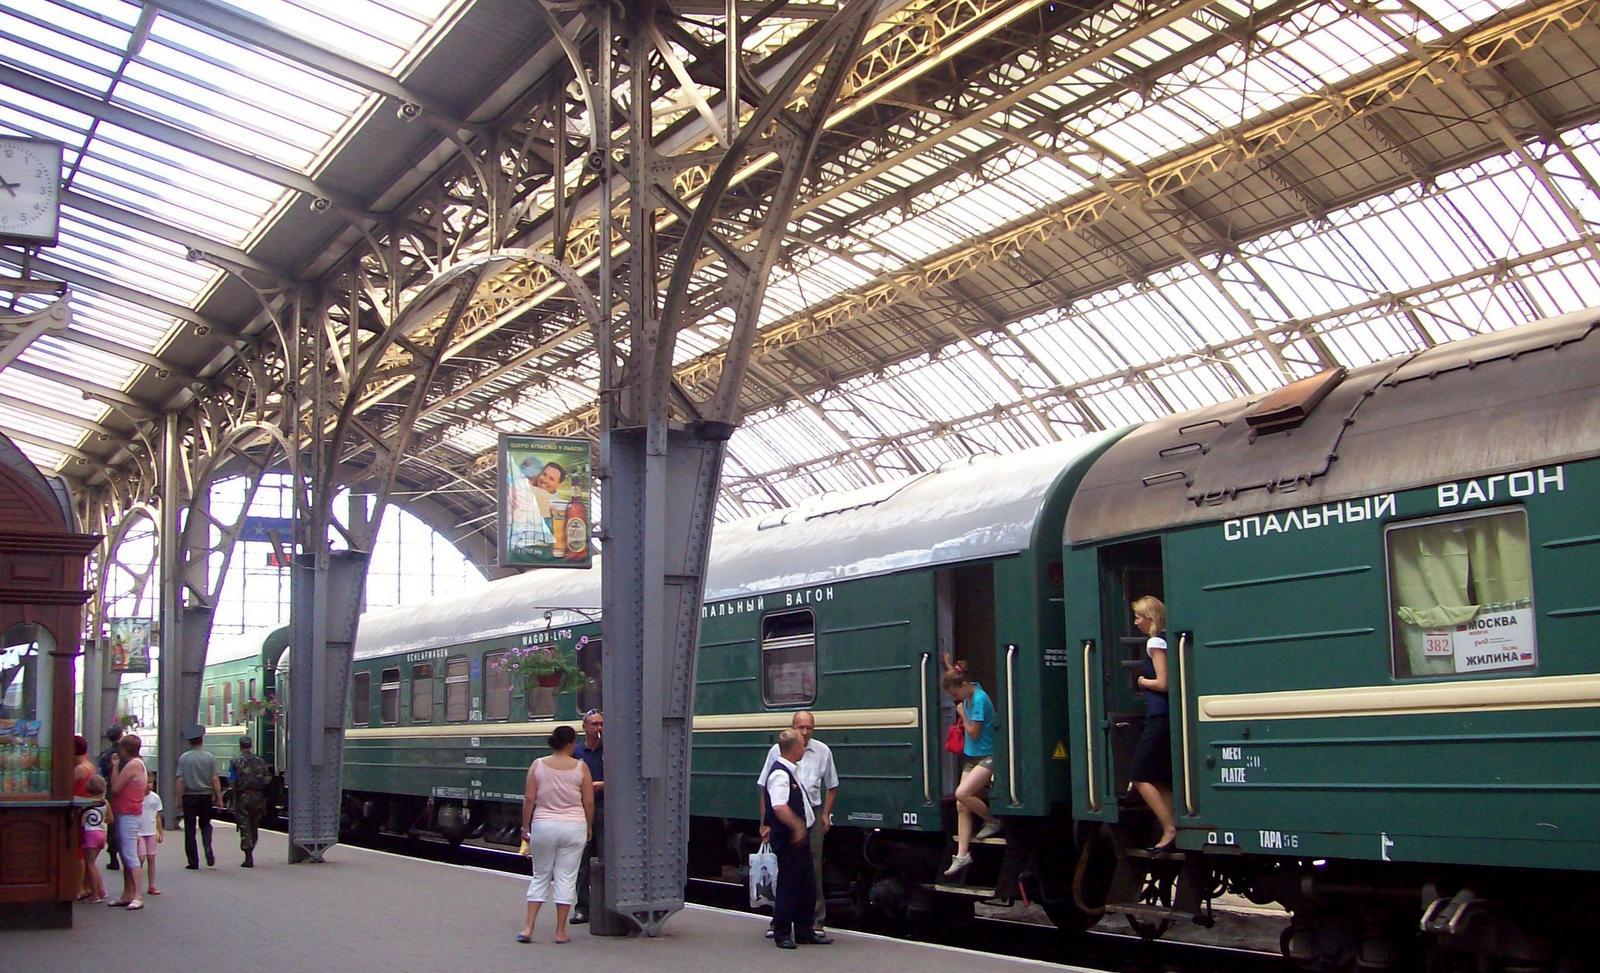 Expresszug Zagreb - Moskau im Bahnhof von Lwów